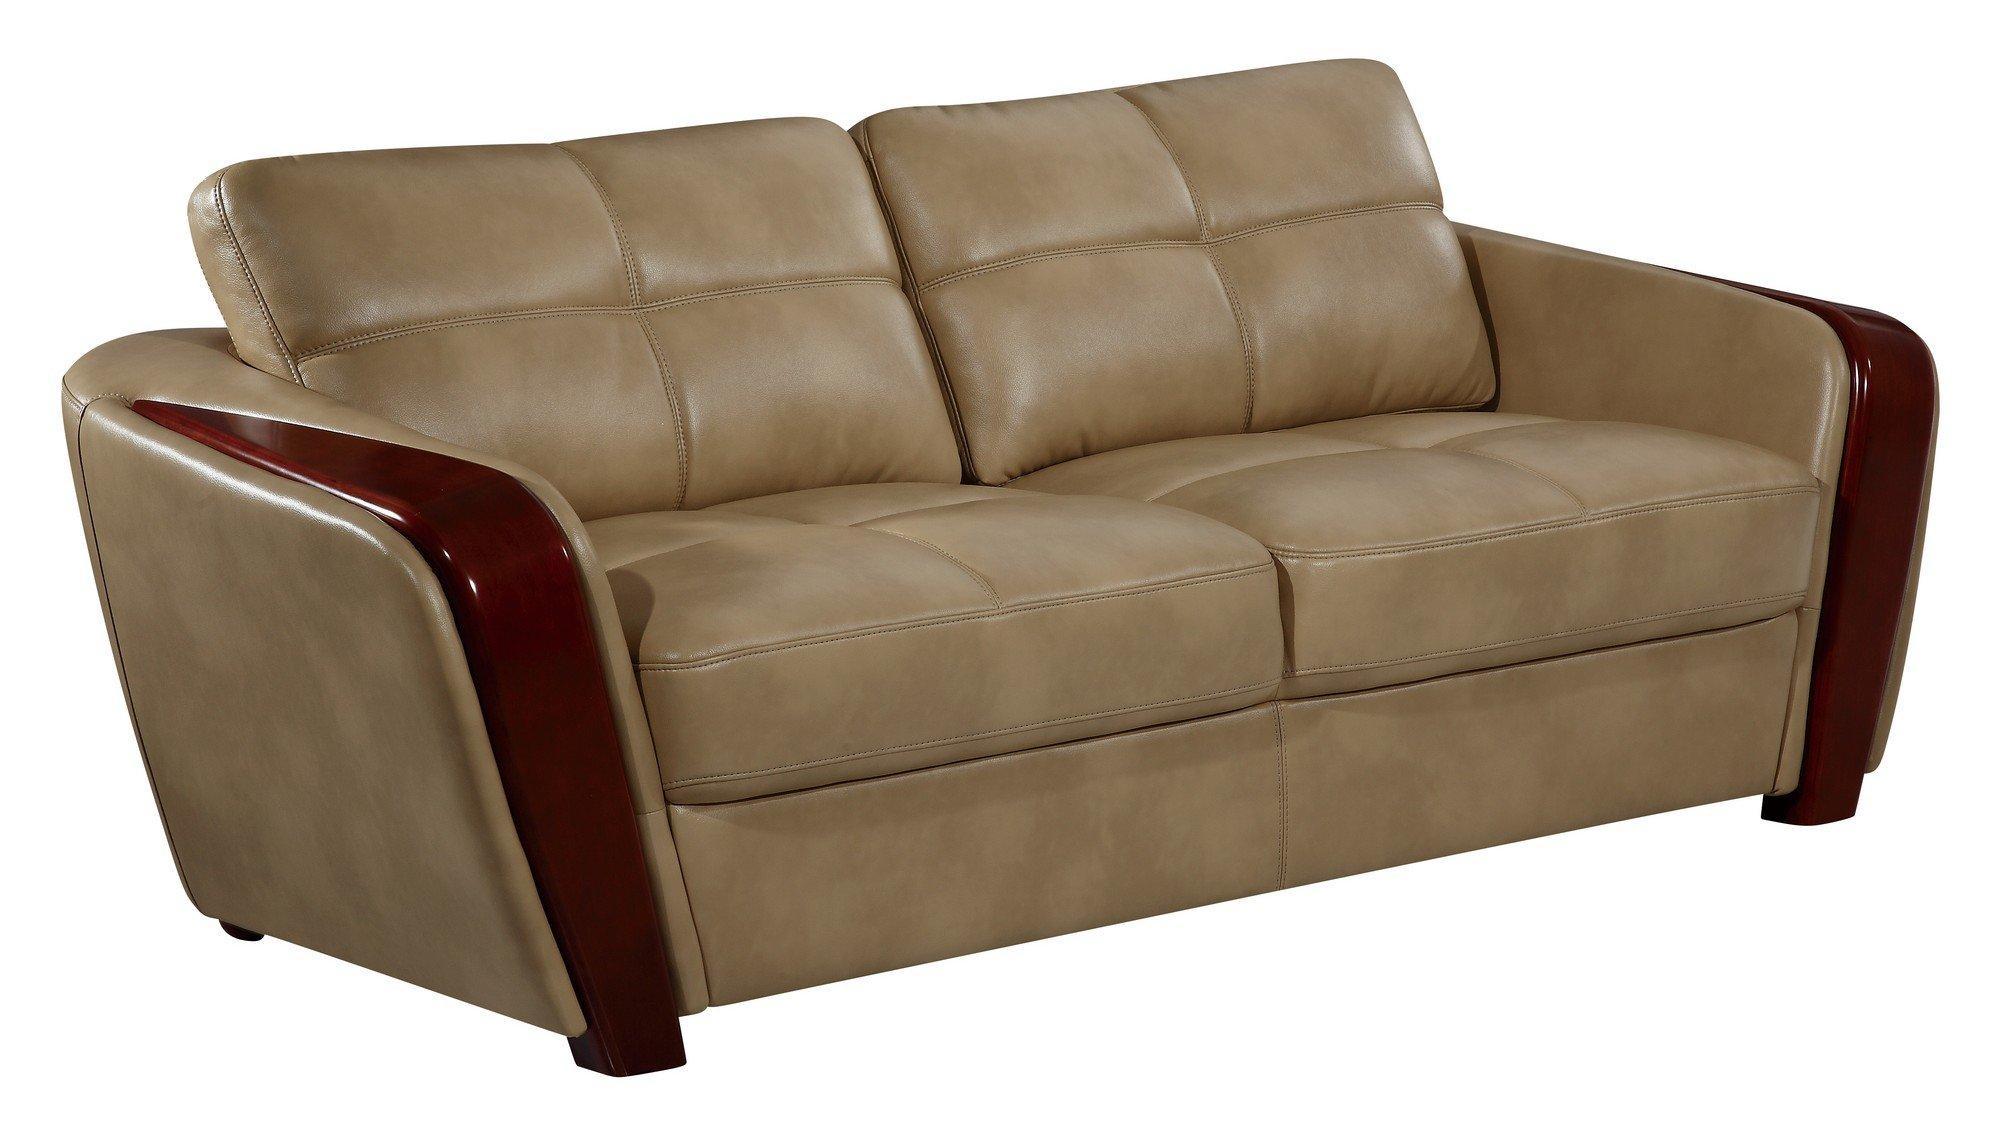 ufm206 ivory leather gel sofa by global furniture. Black Bedroom Furniture Sets. Home Design Ideas